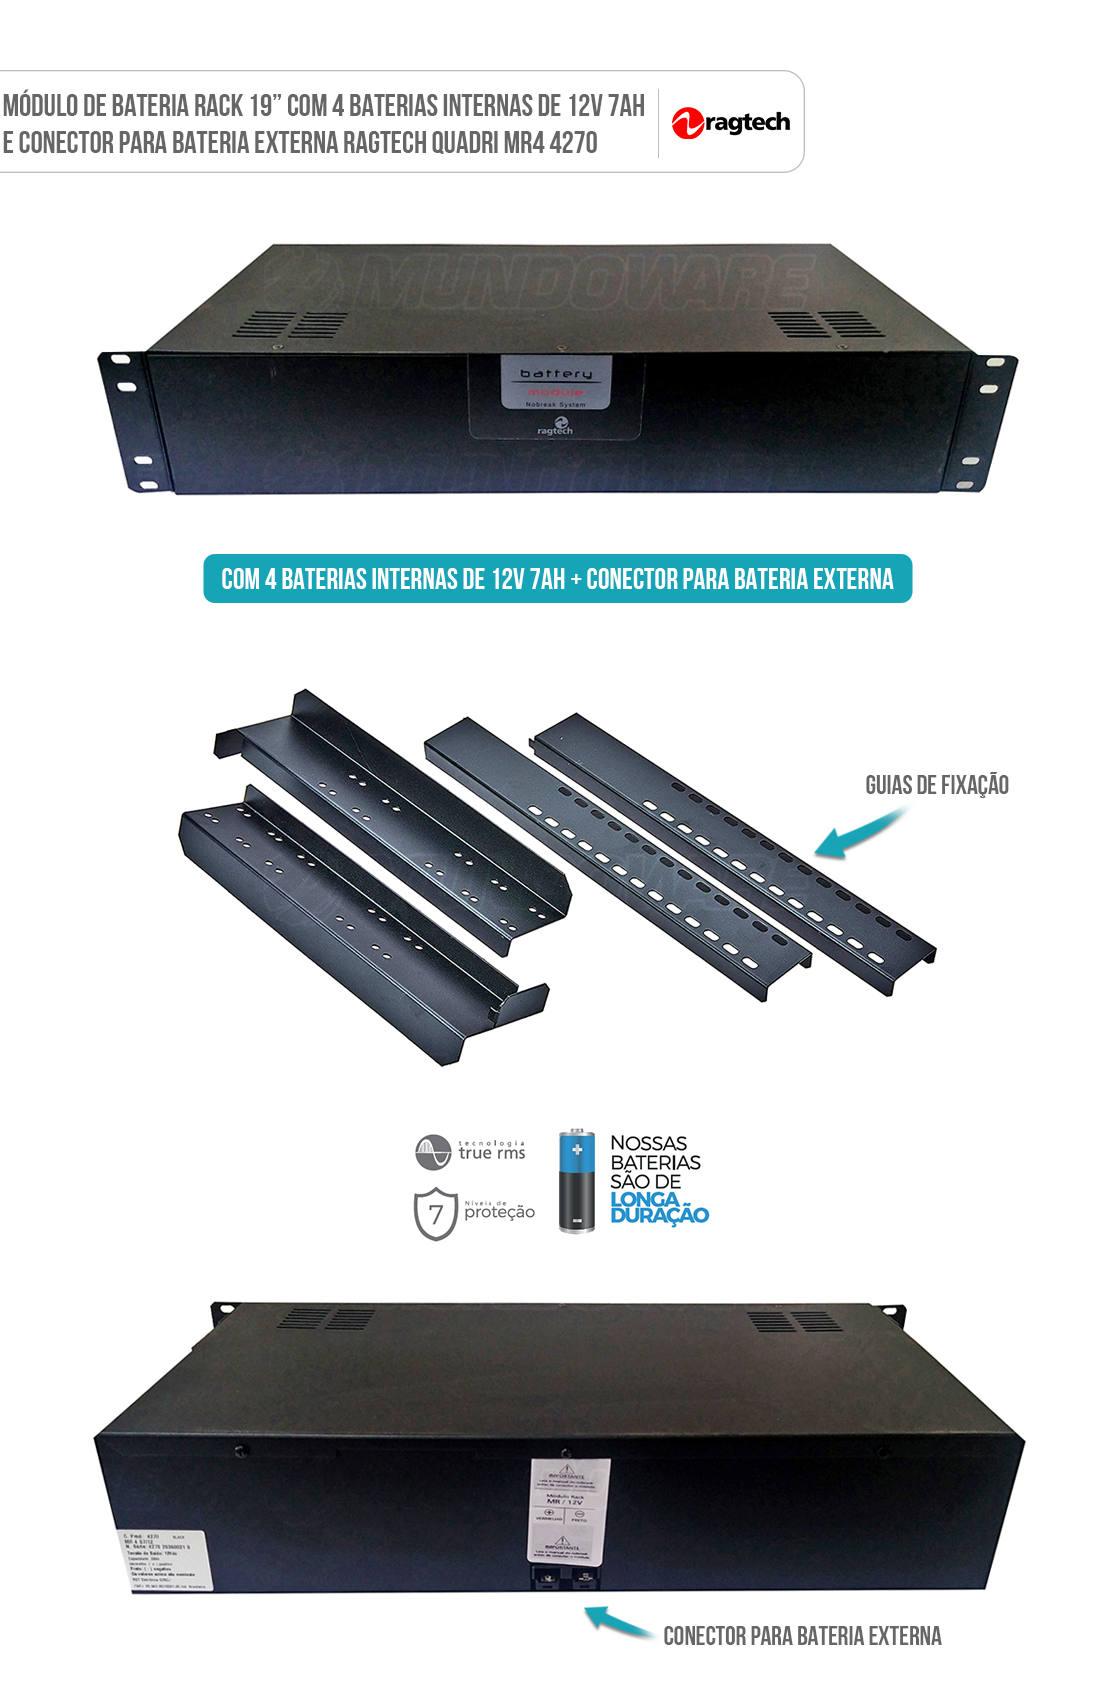 Módulo de Bateria para Nobreak Rack 19 pol com 4 Baterias Internas de 12V 7Ah e Conector para Bateria Externa Ragtech 4270